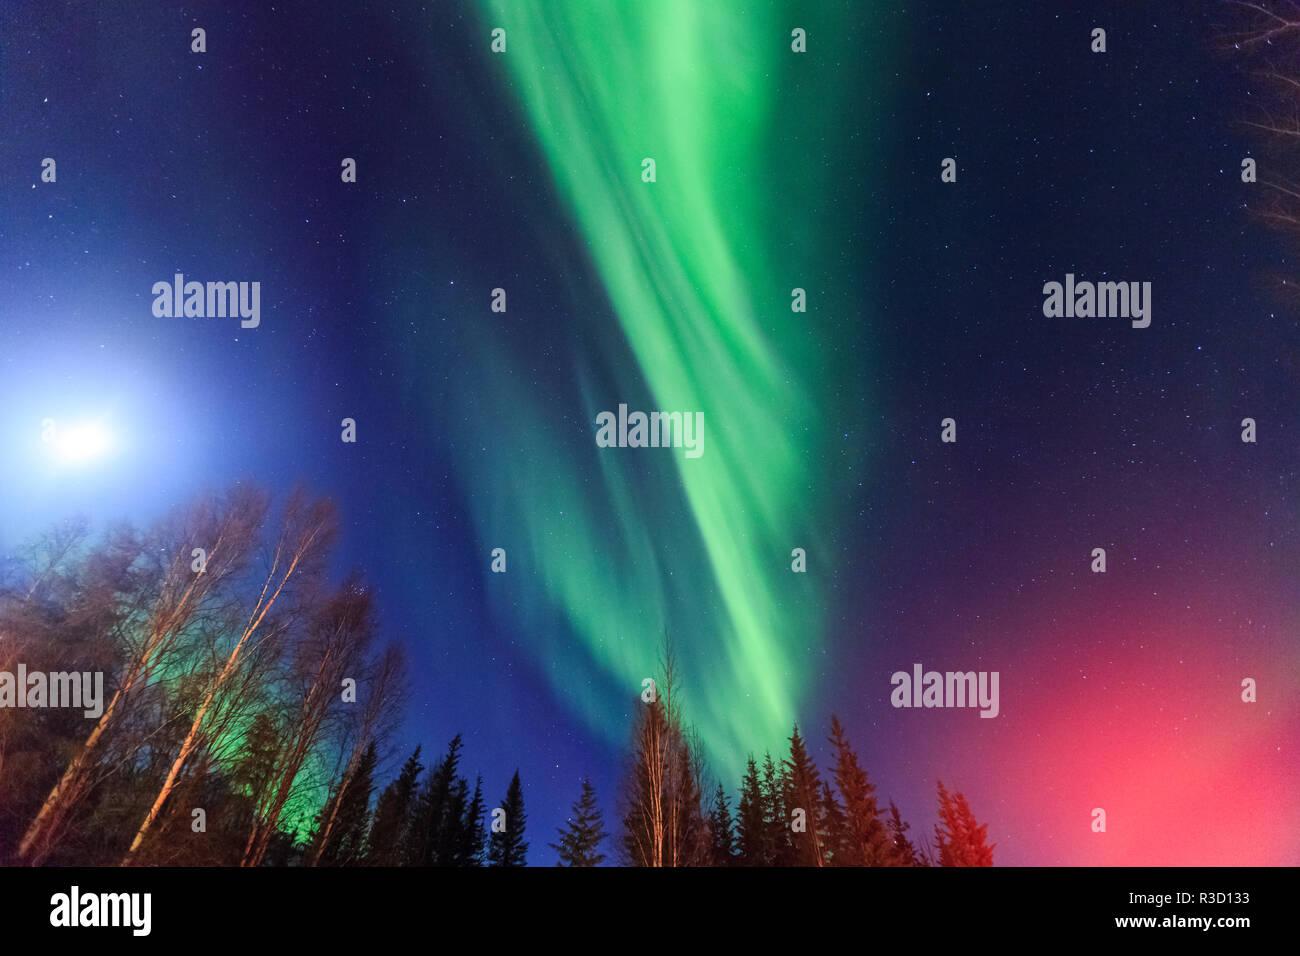 Aurora borealis, Northern Lights, in der Nähe von Fairbanks, Alaska Stockbild